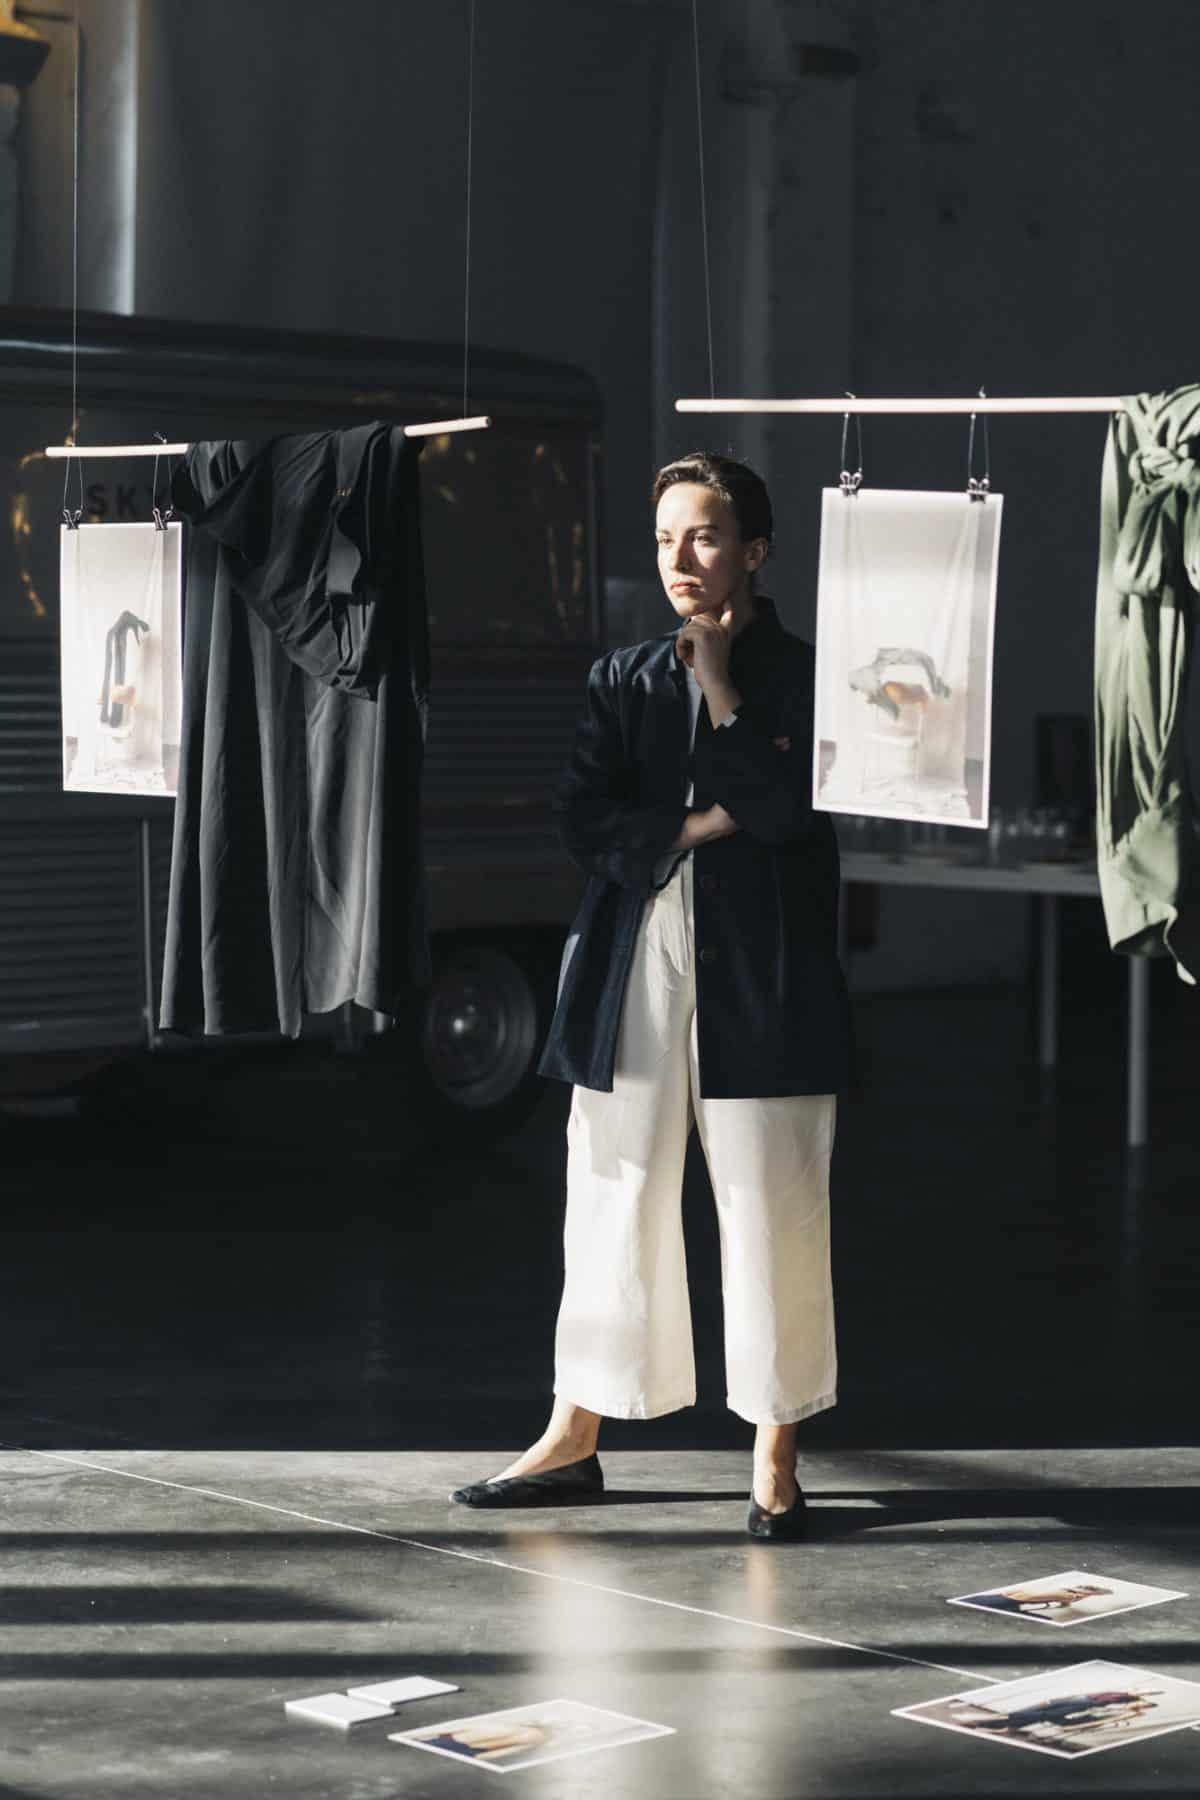 af36446e2768 Julia Velázquez dejó su Pamplona natal en 2014 para estudiar diseño de moda.  5 años después